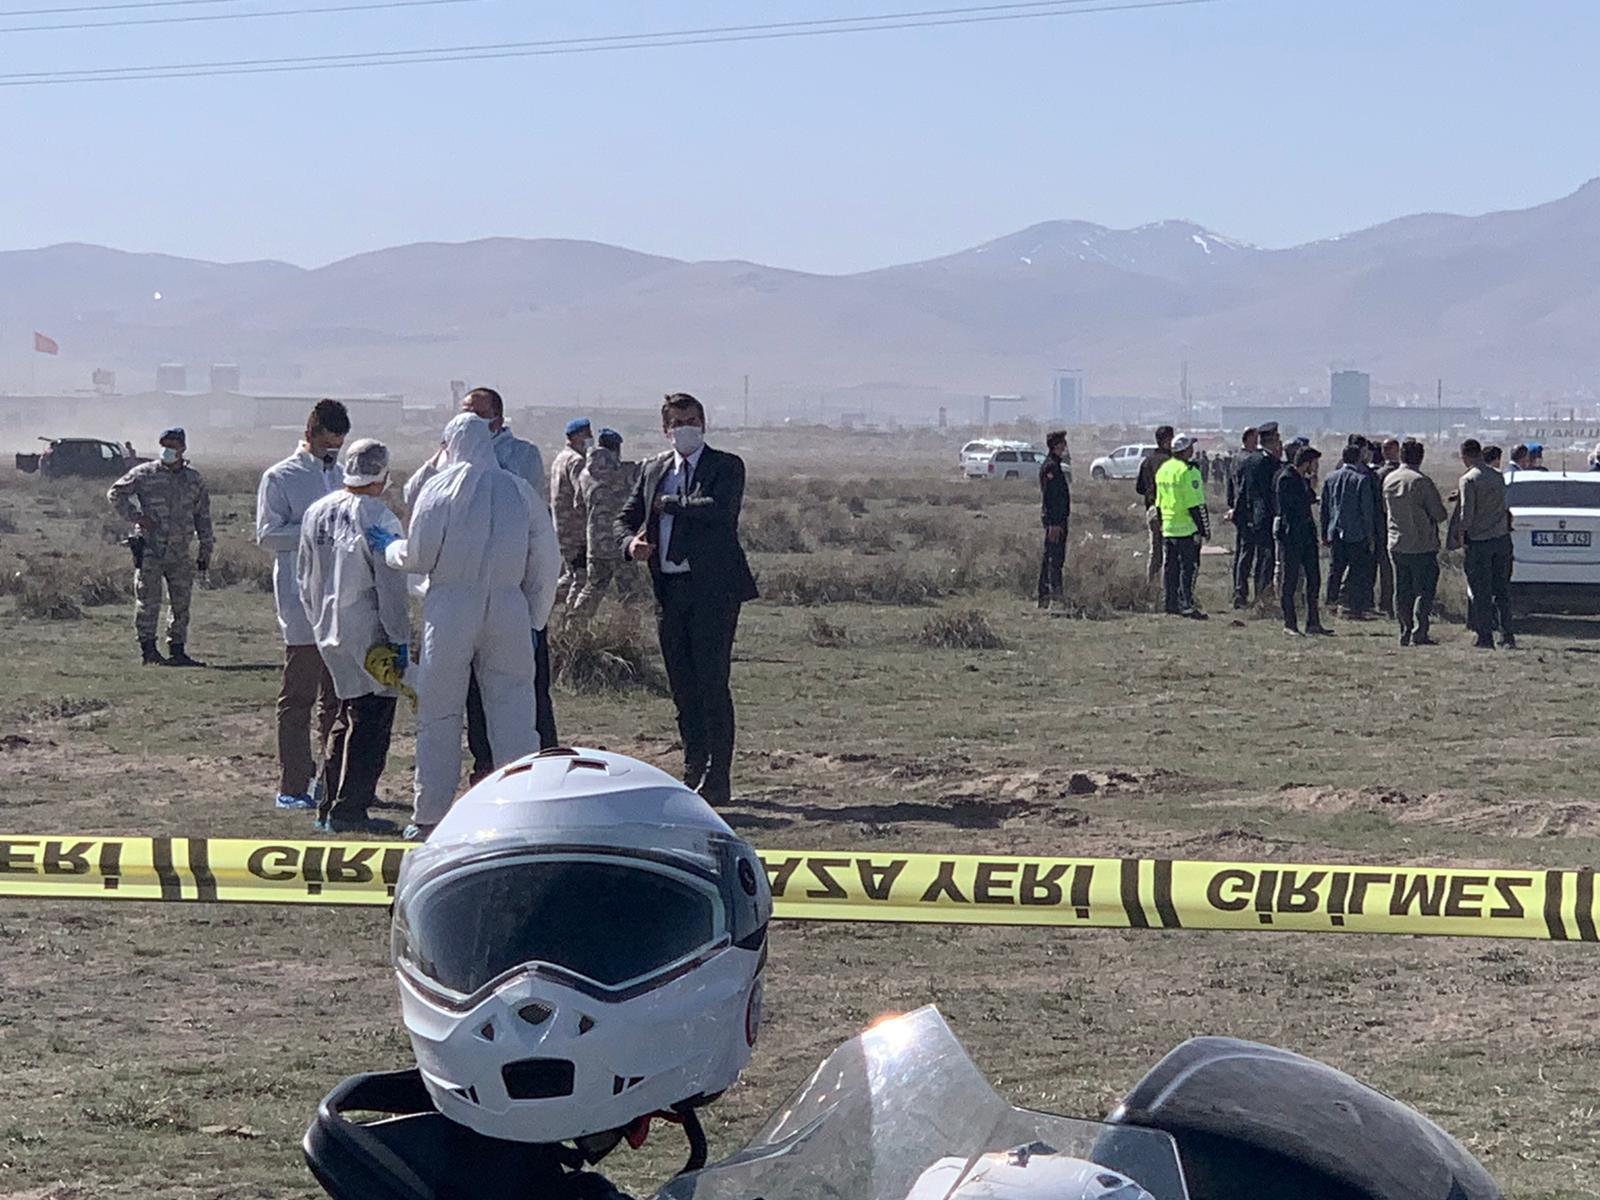 Konya'da Türk Yıldızları'nın uçağı düştü! Yüzbaşı Burak Genççelebi şehit oldu